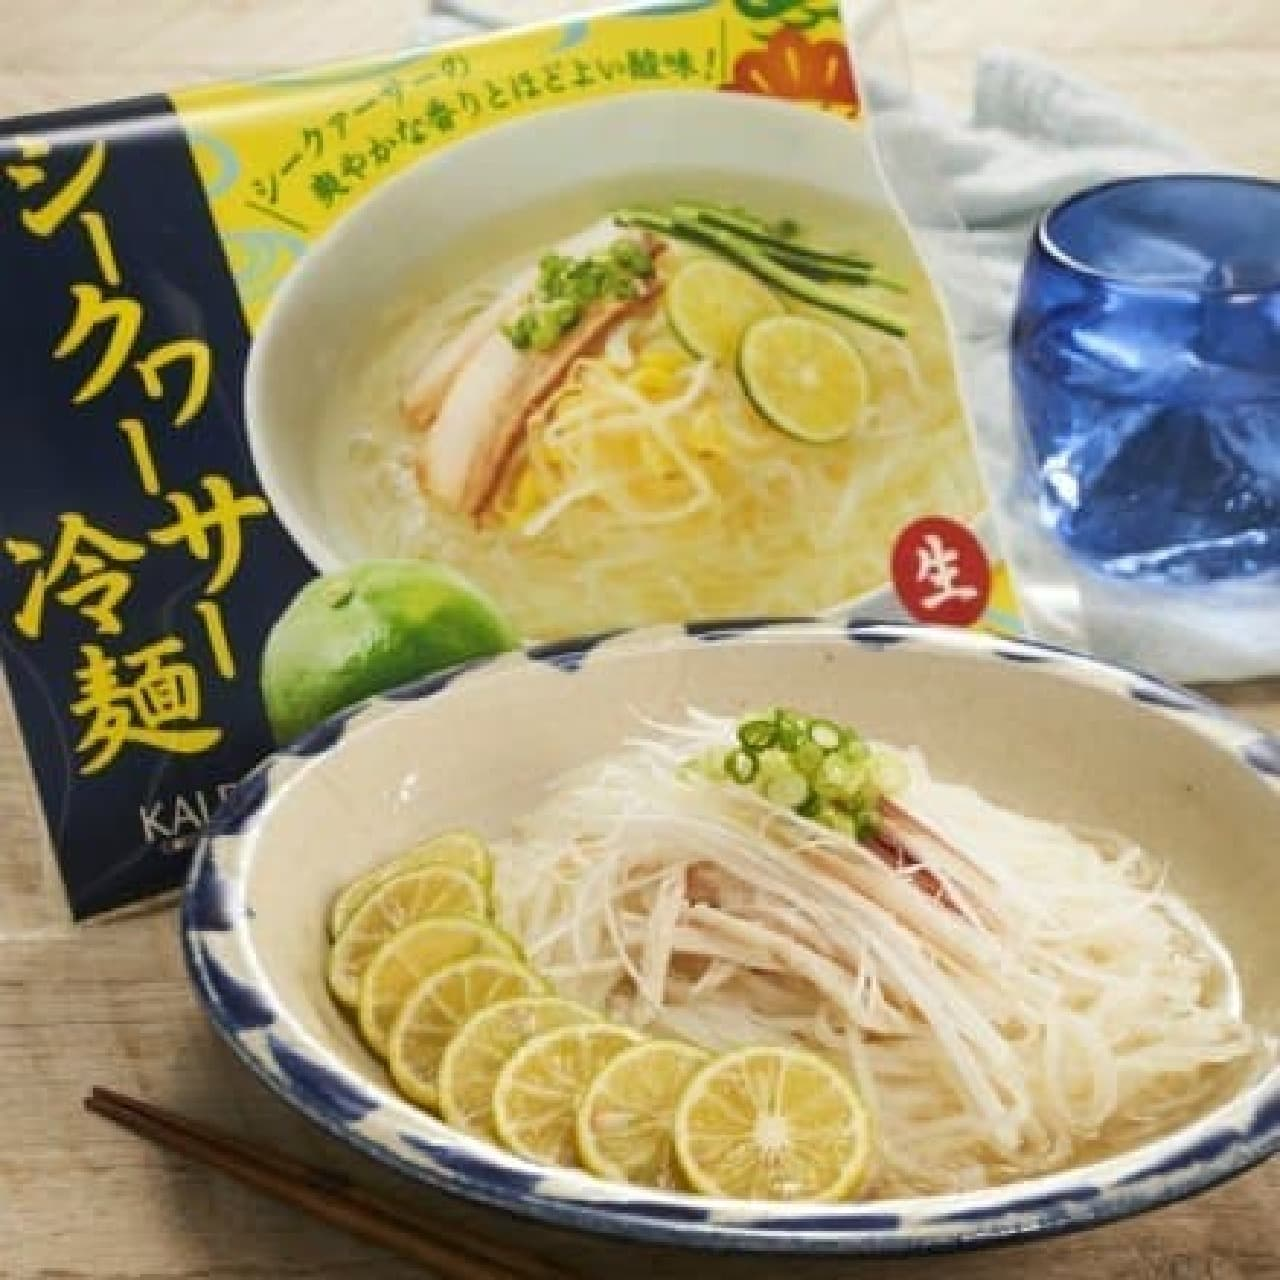 カルディコーヒーファーム「オリジナル シークヮーサー冷麺」